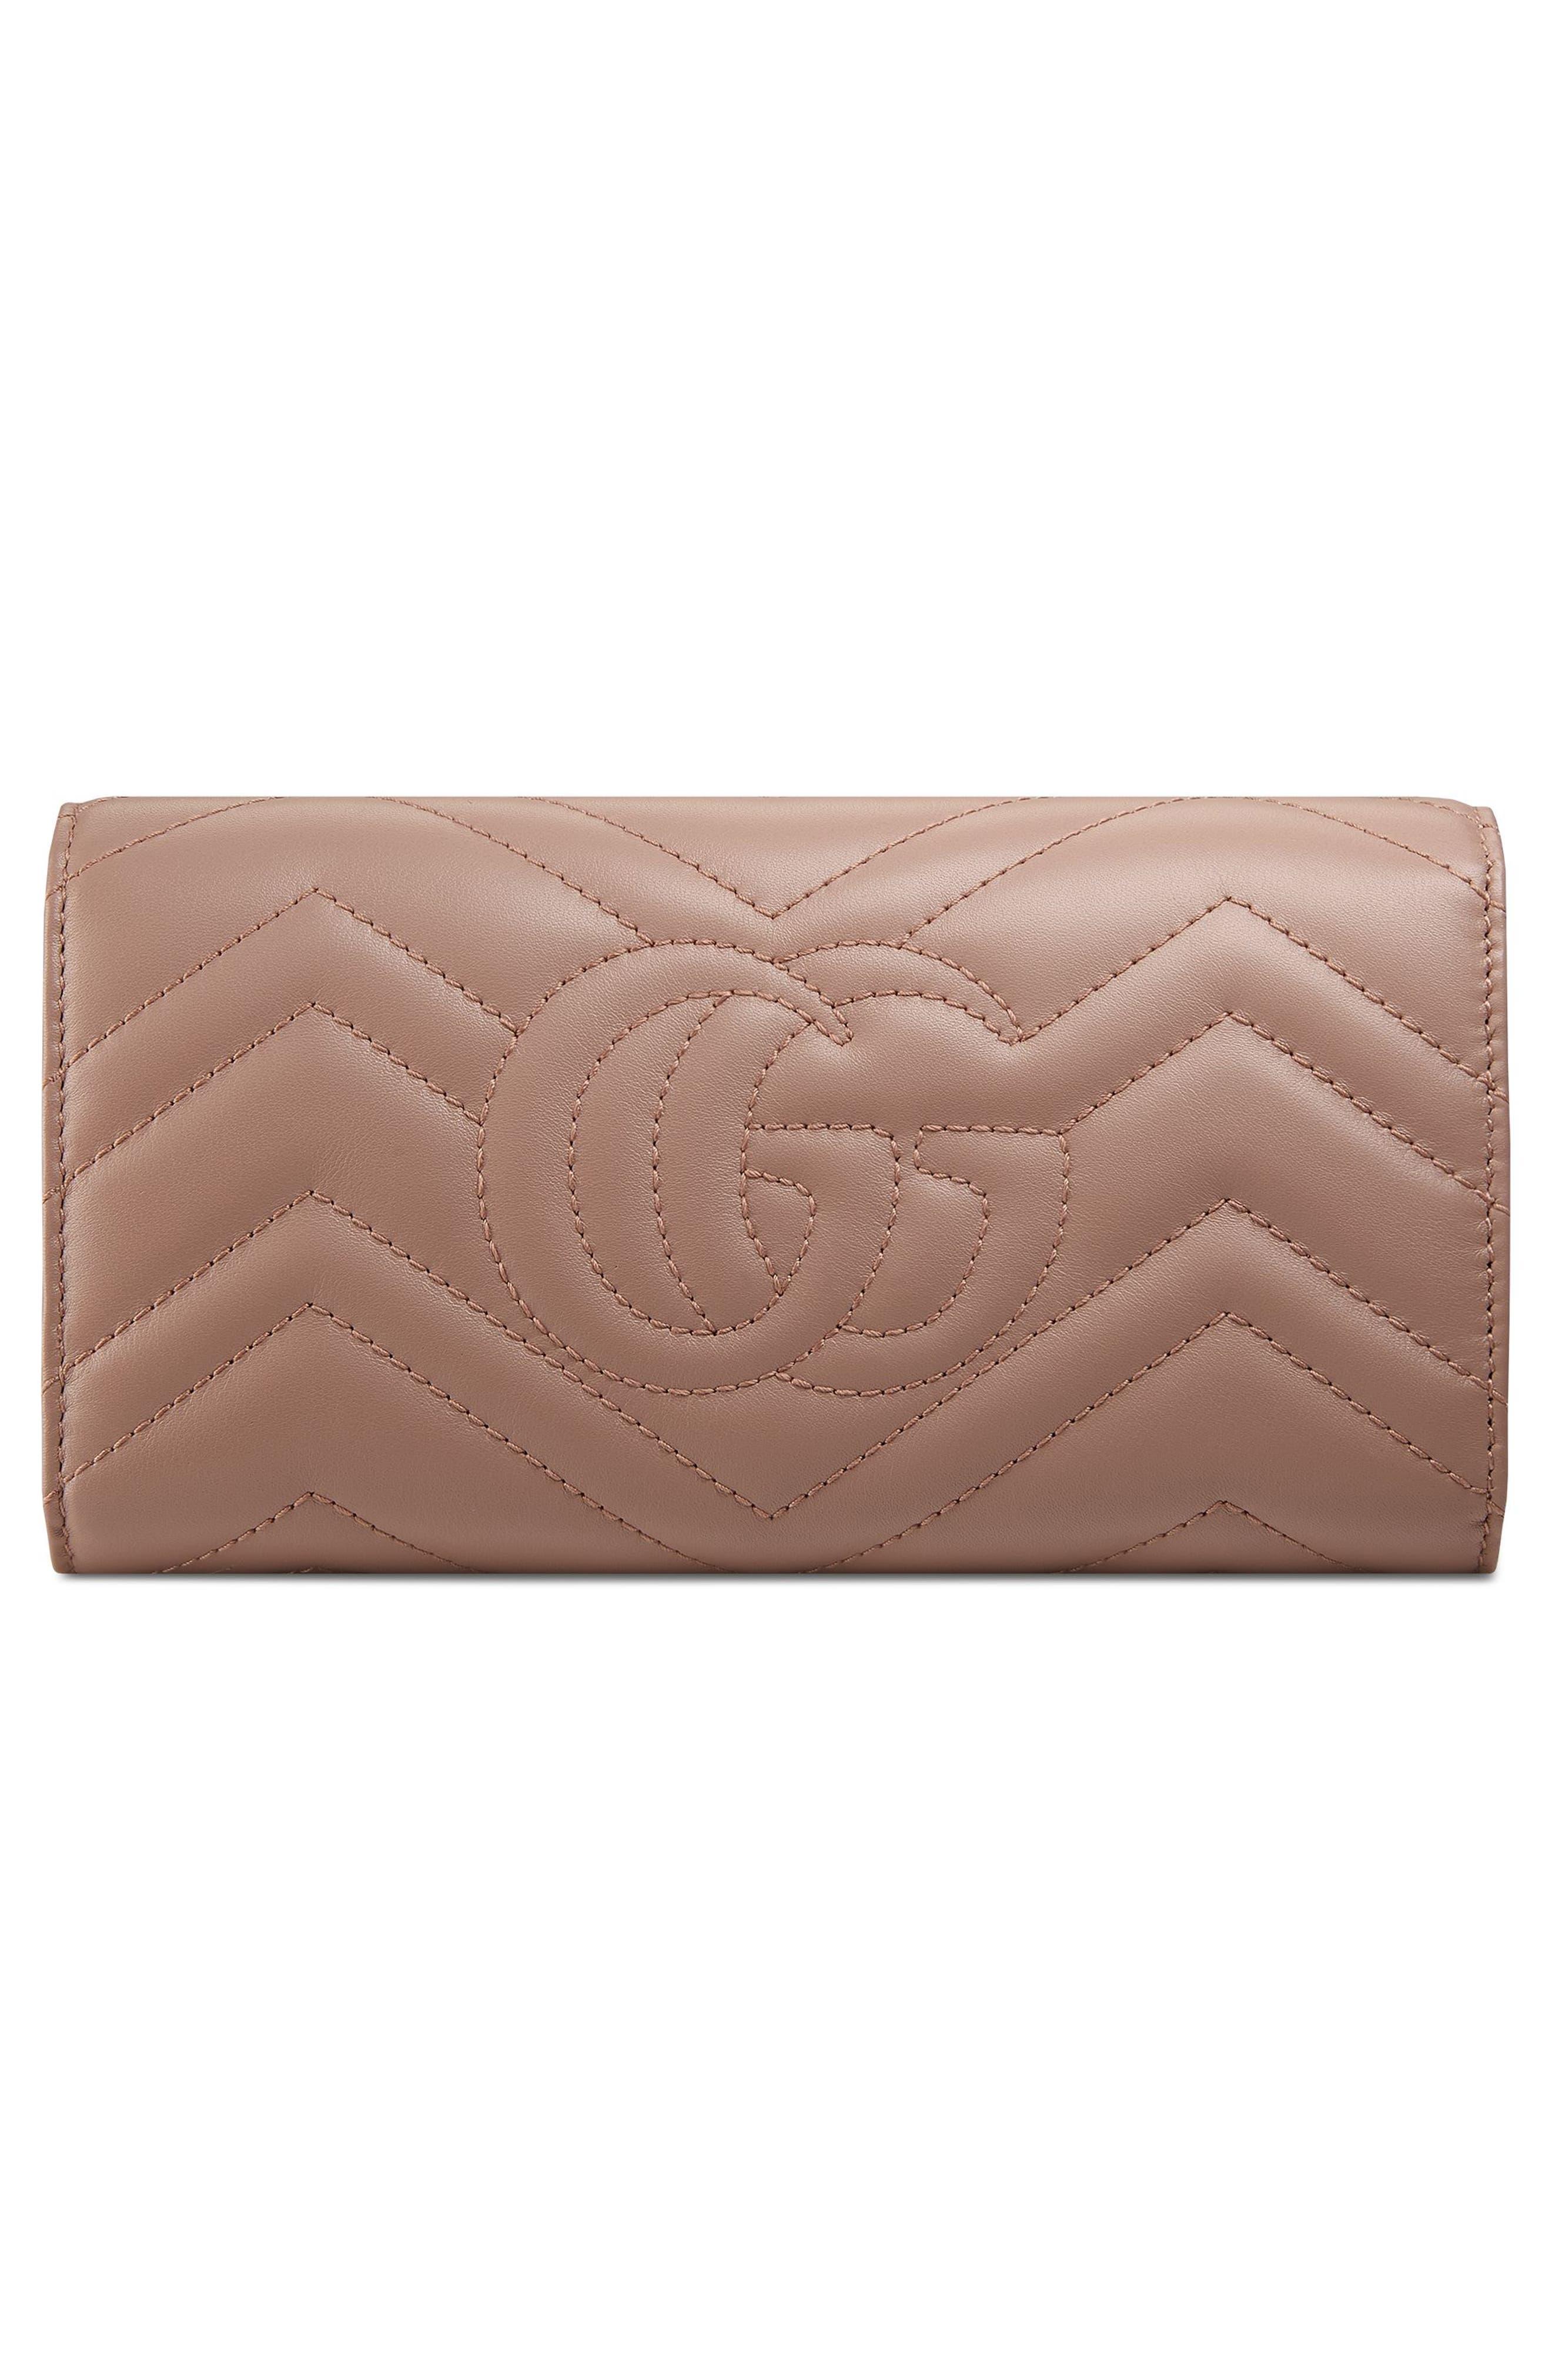 GUCCI, GG Marmont Matelassé Leather Continental Wallet, Alternate thumbnail 3, color, PORCELAIN ROSE